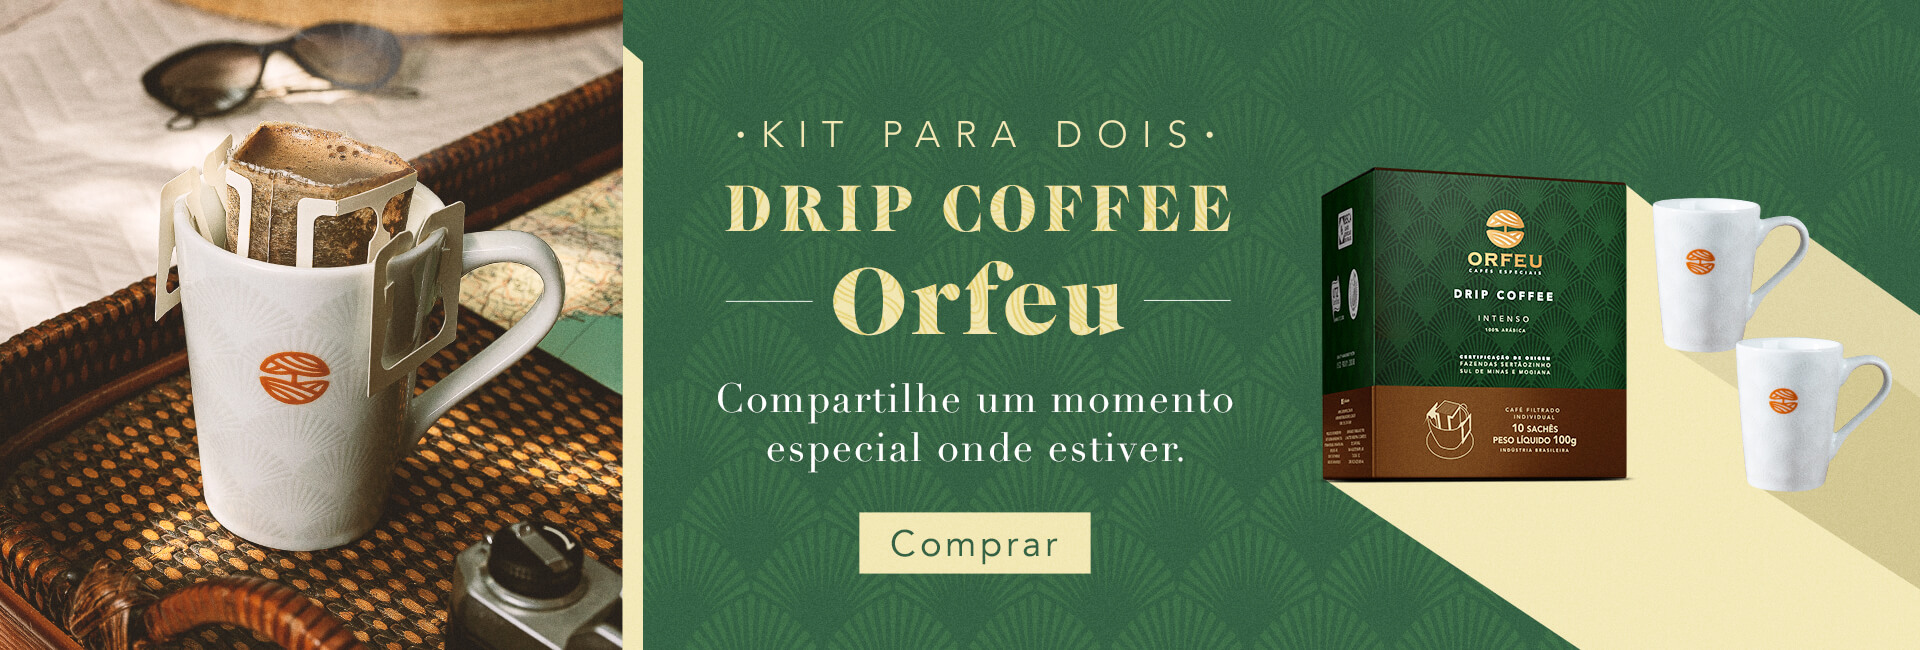 Drip Orfeu